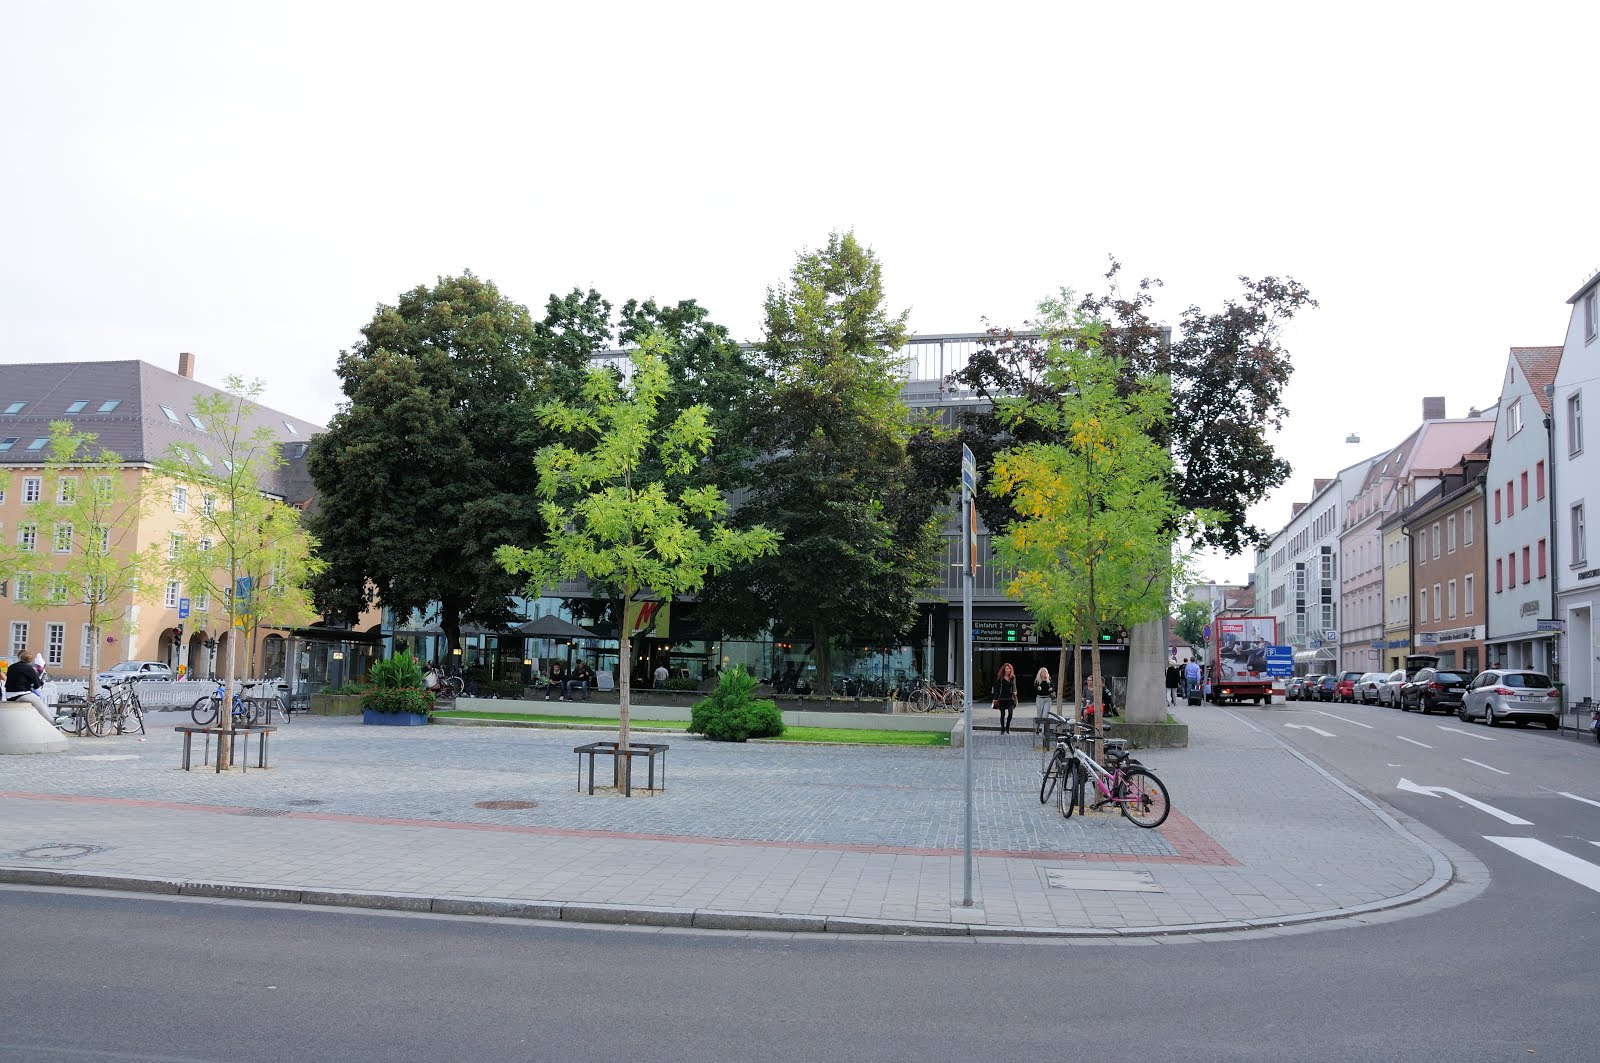 Markthalle Regensburg 2016 9 親子歐洲自駕淺遊世界遺產古城德國雷根斯堡 regensburg 柏特